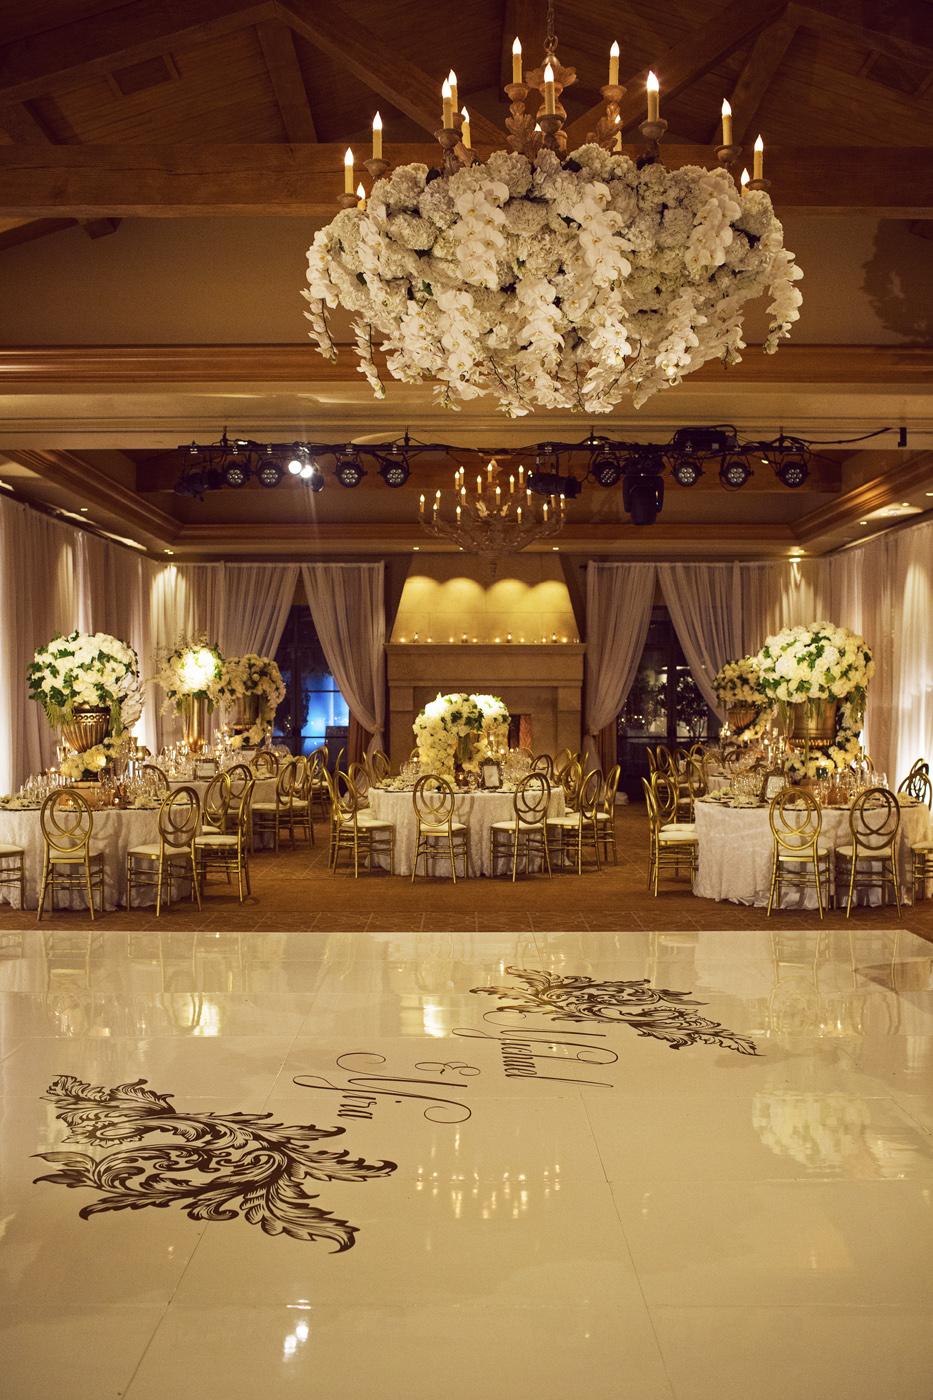 067_DukePhotography_DukeImages_Wedding_Details.jpg